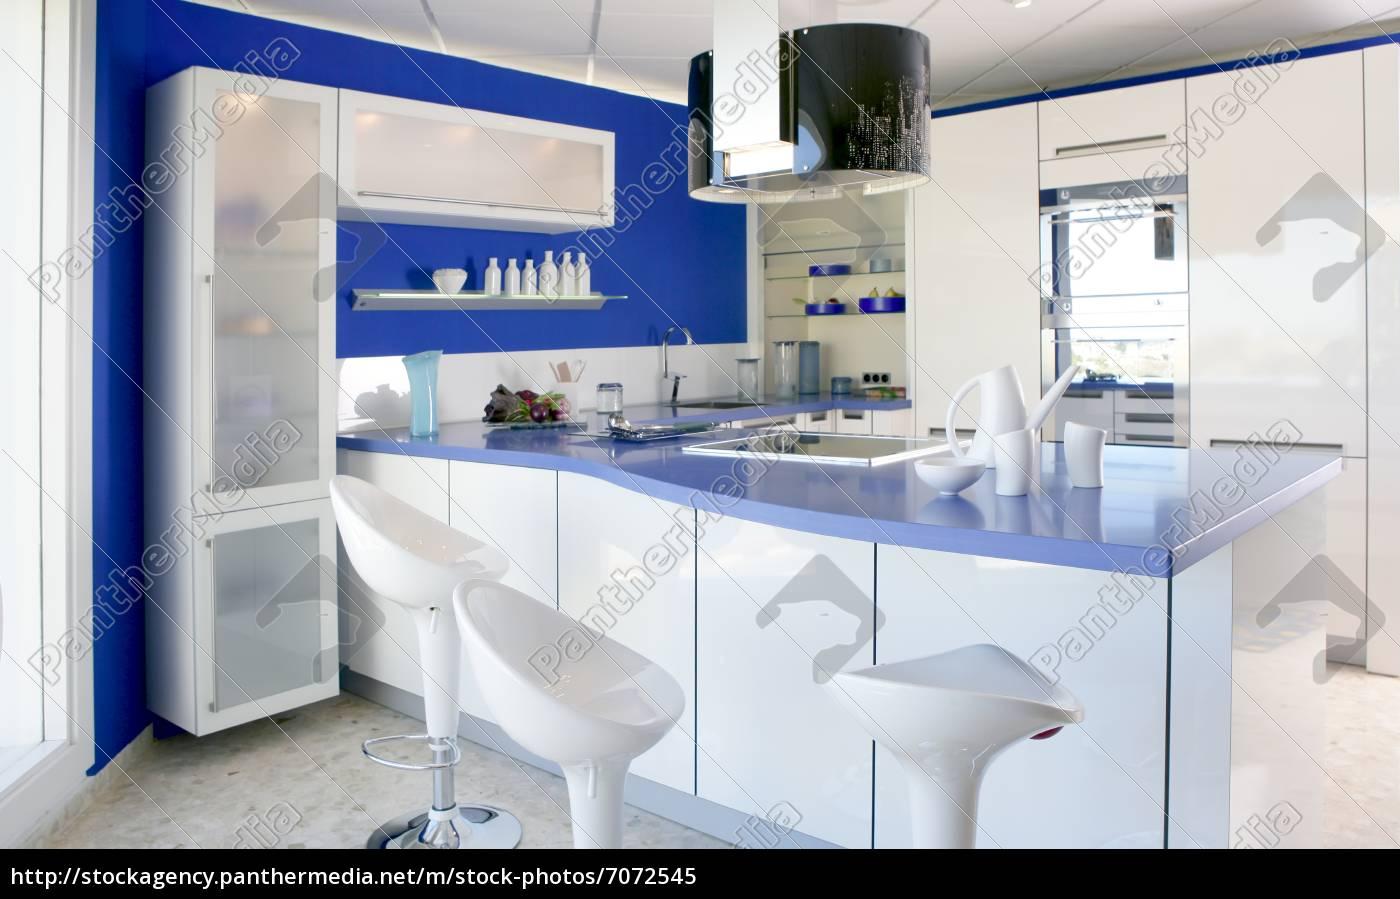 blaue weiße küche moderne innenarchitektur haus - Stockfoto ...